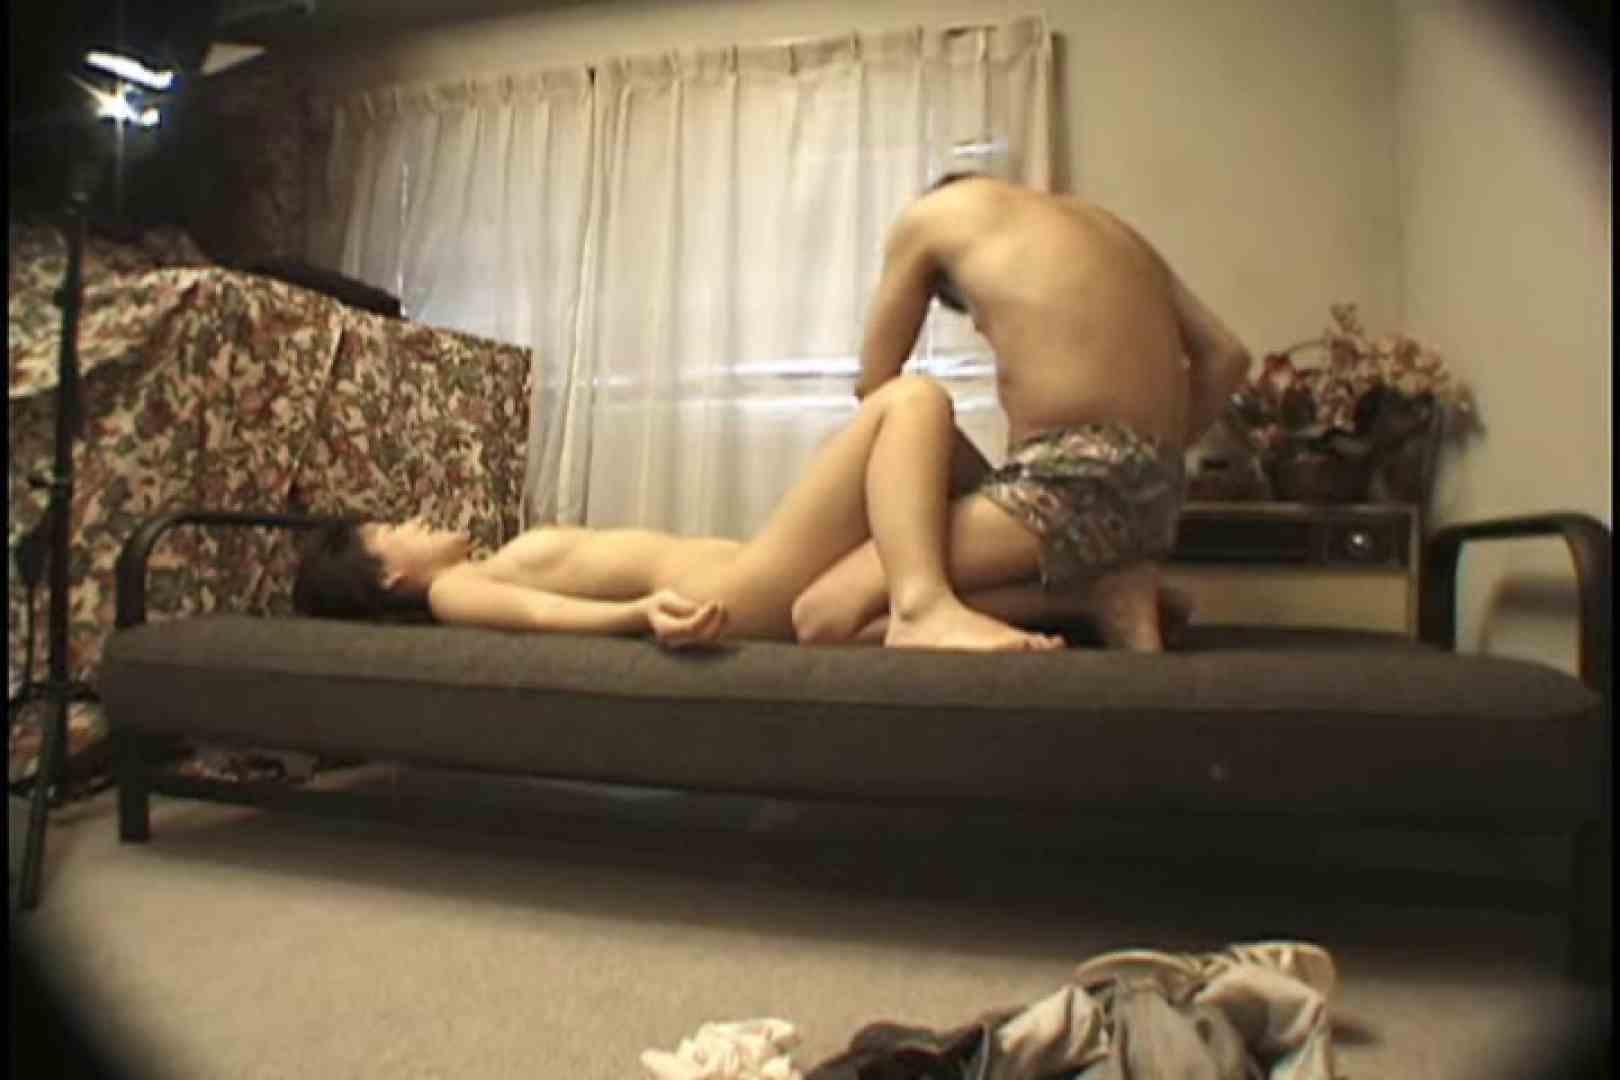 素人嬢126人のハメ撮り 竹之内歩美 モデル  75pic 69